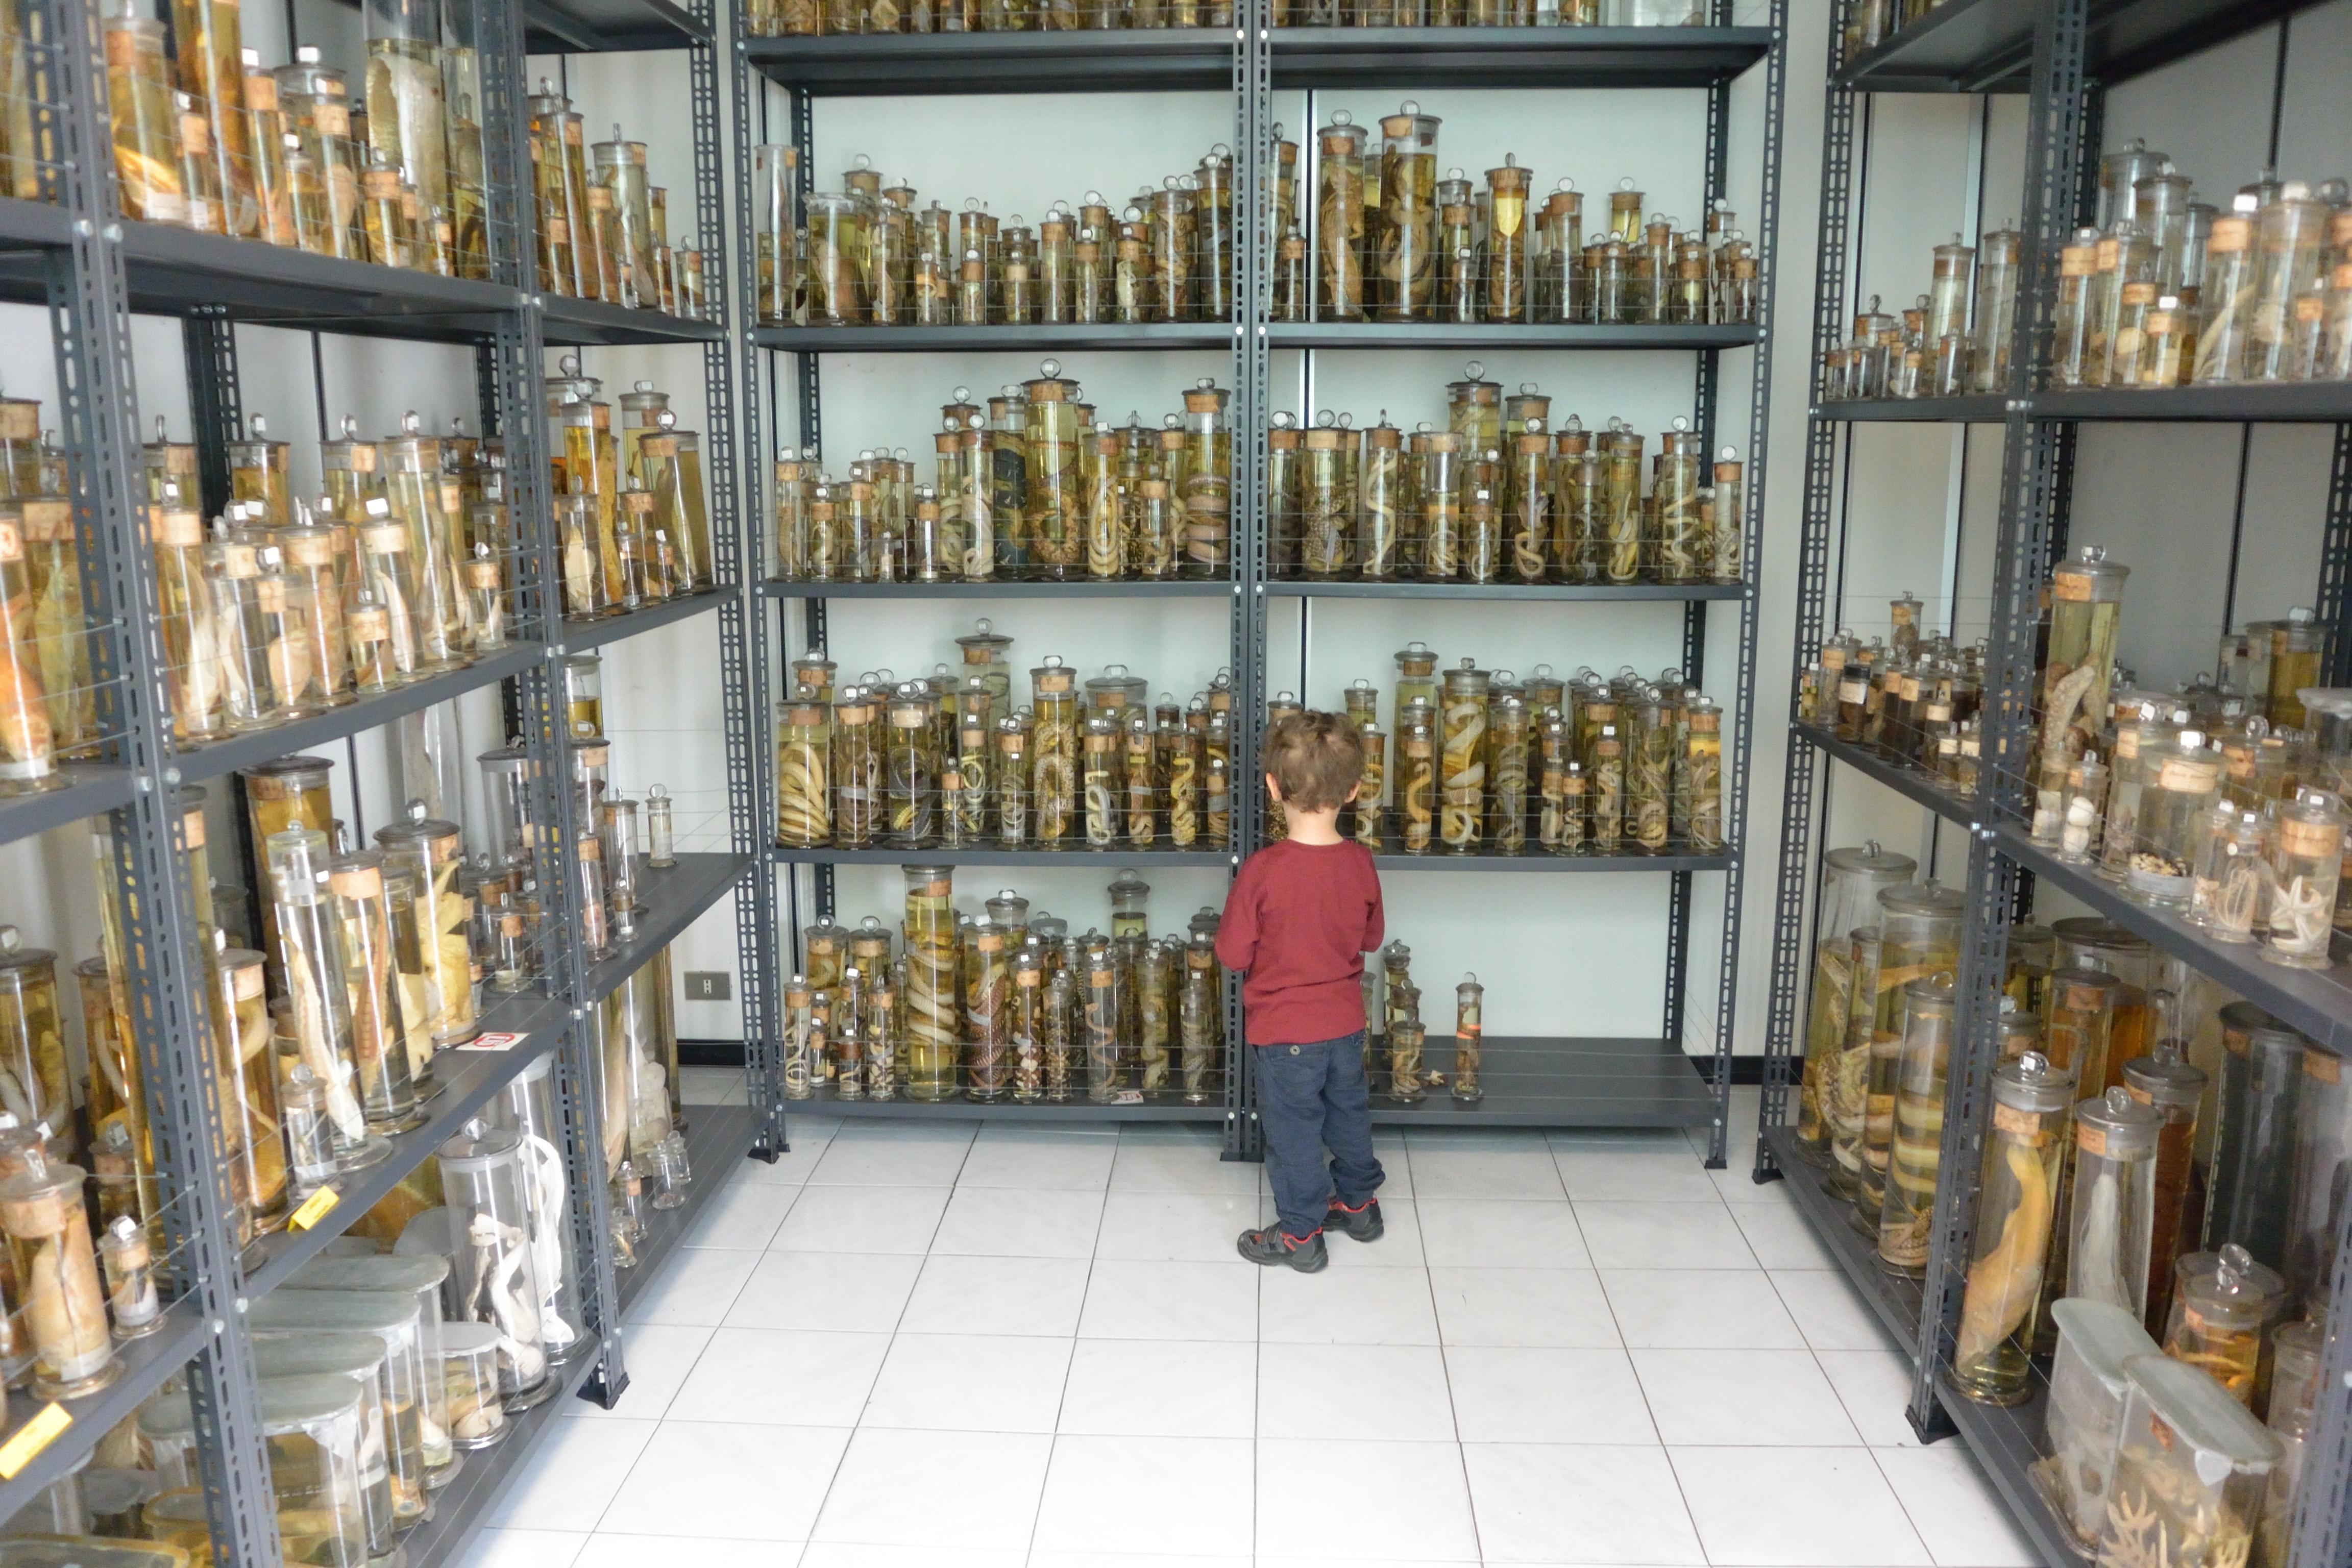 14 febbraio - Apertura Museo di Storia Naturale dell'Università di Pavia Sede Via Guffanti